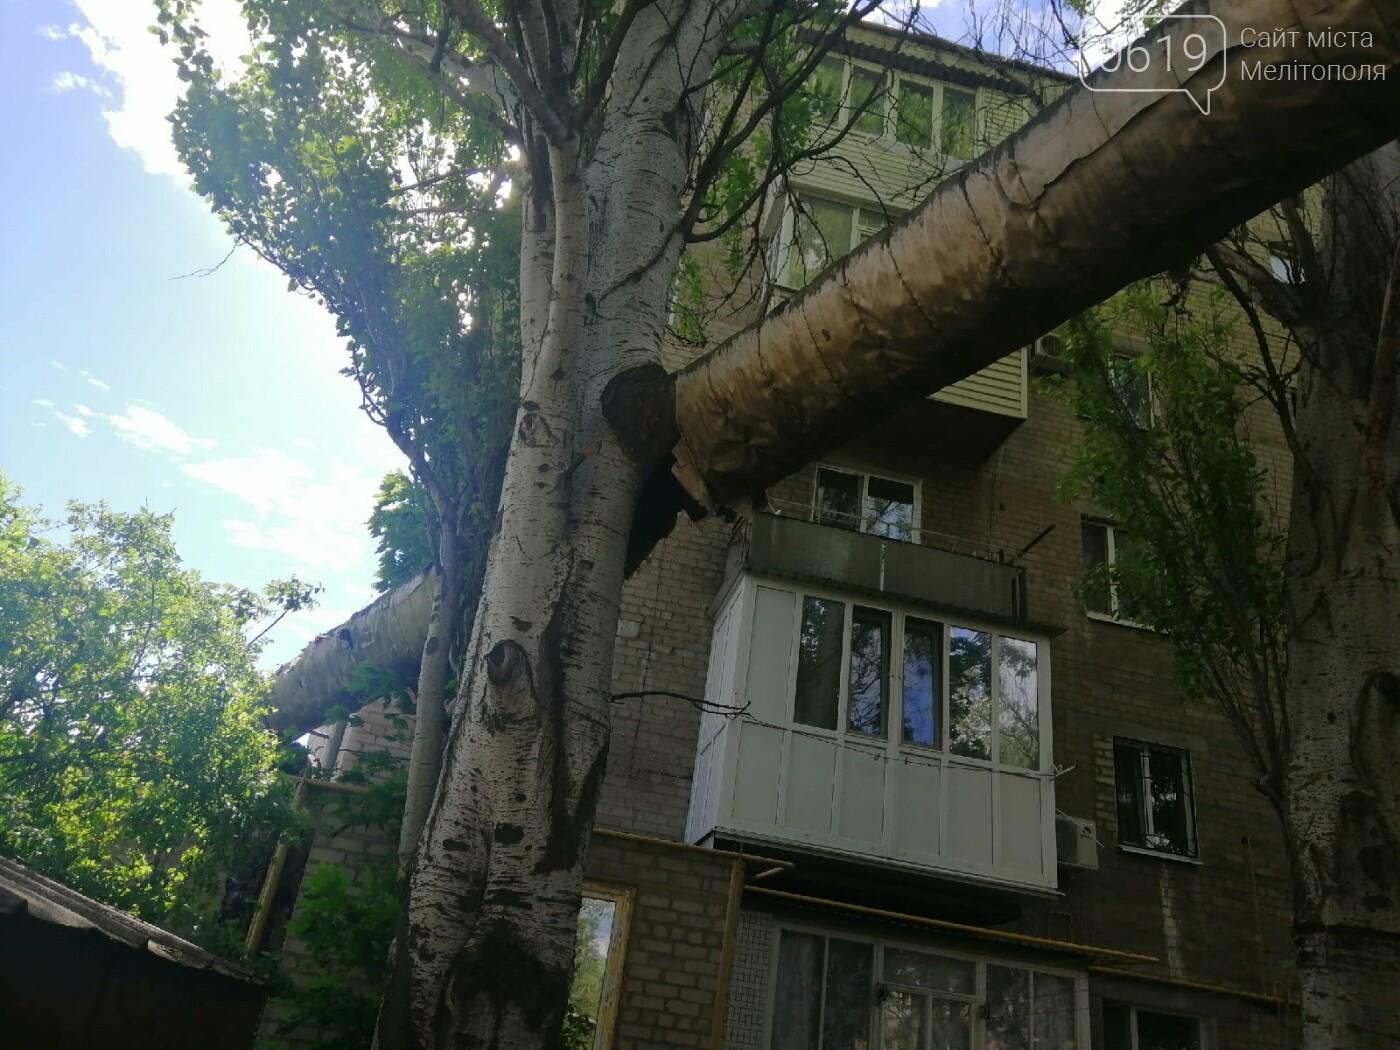 """Дерево """"вросло"""" в трубу теплосети: мелитопольцы обеспокоены последствиями, фото-2"""